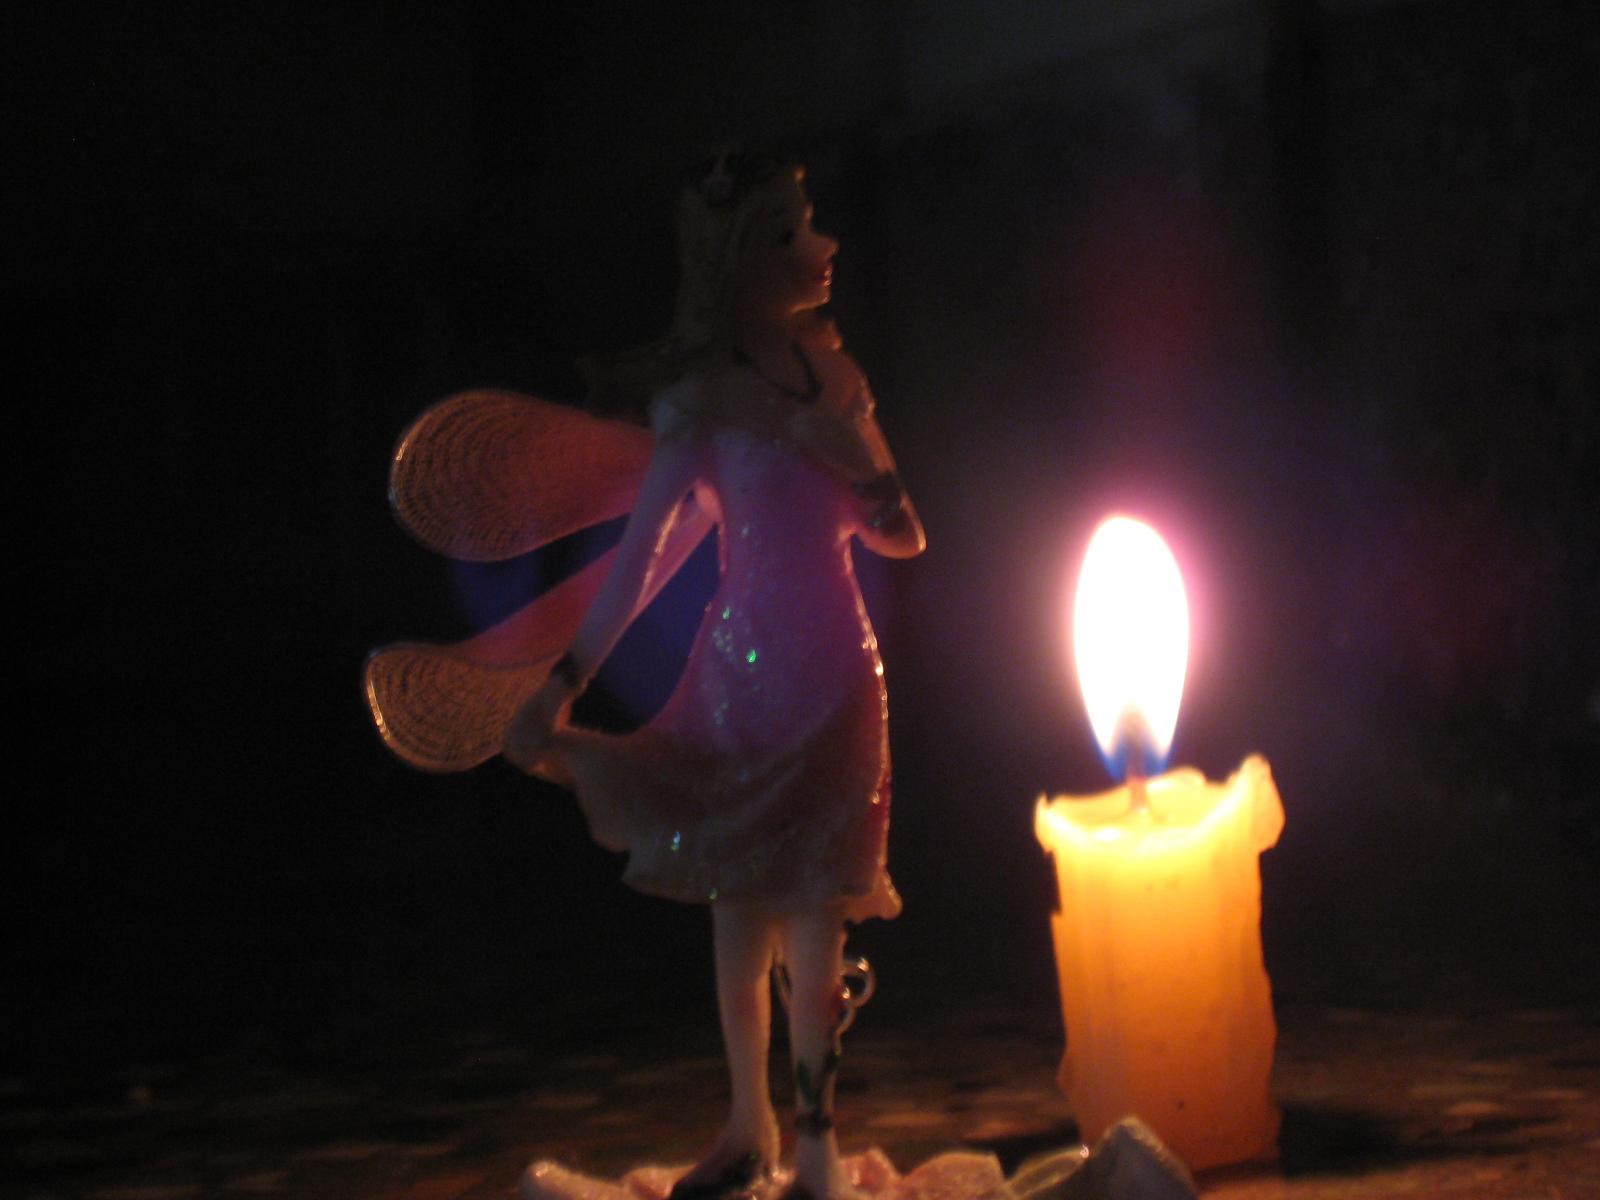 Картинка танец со свечами